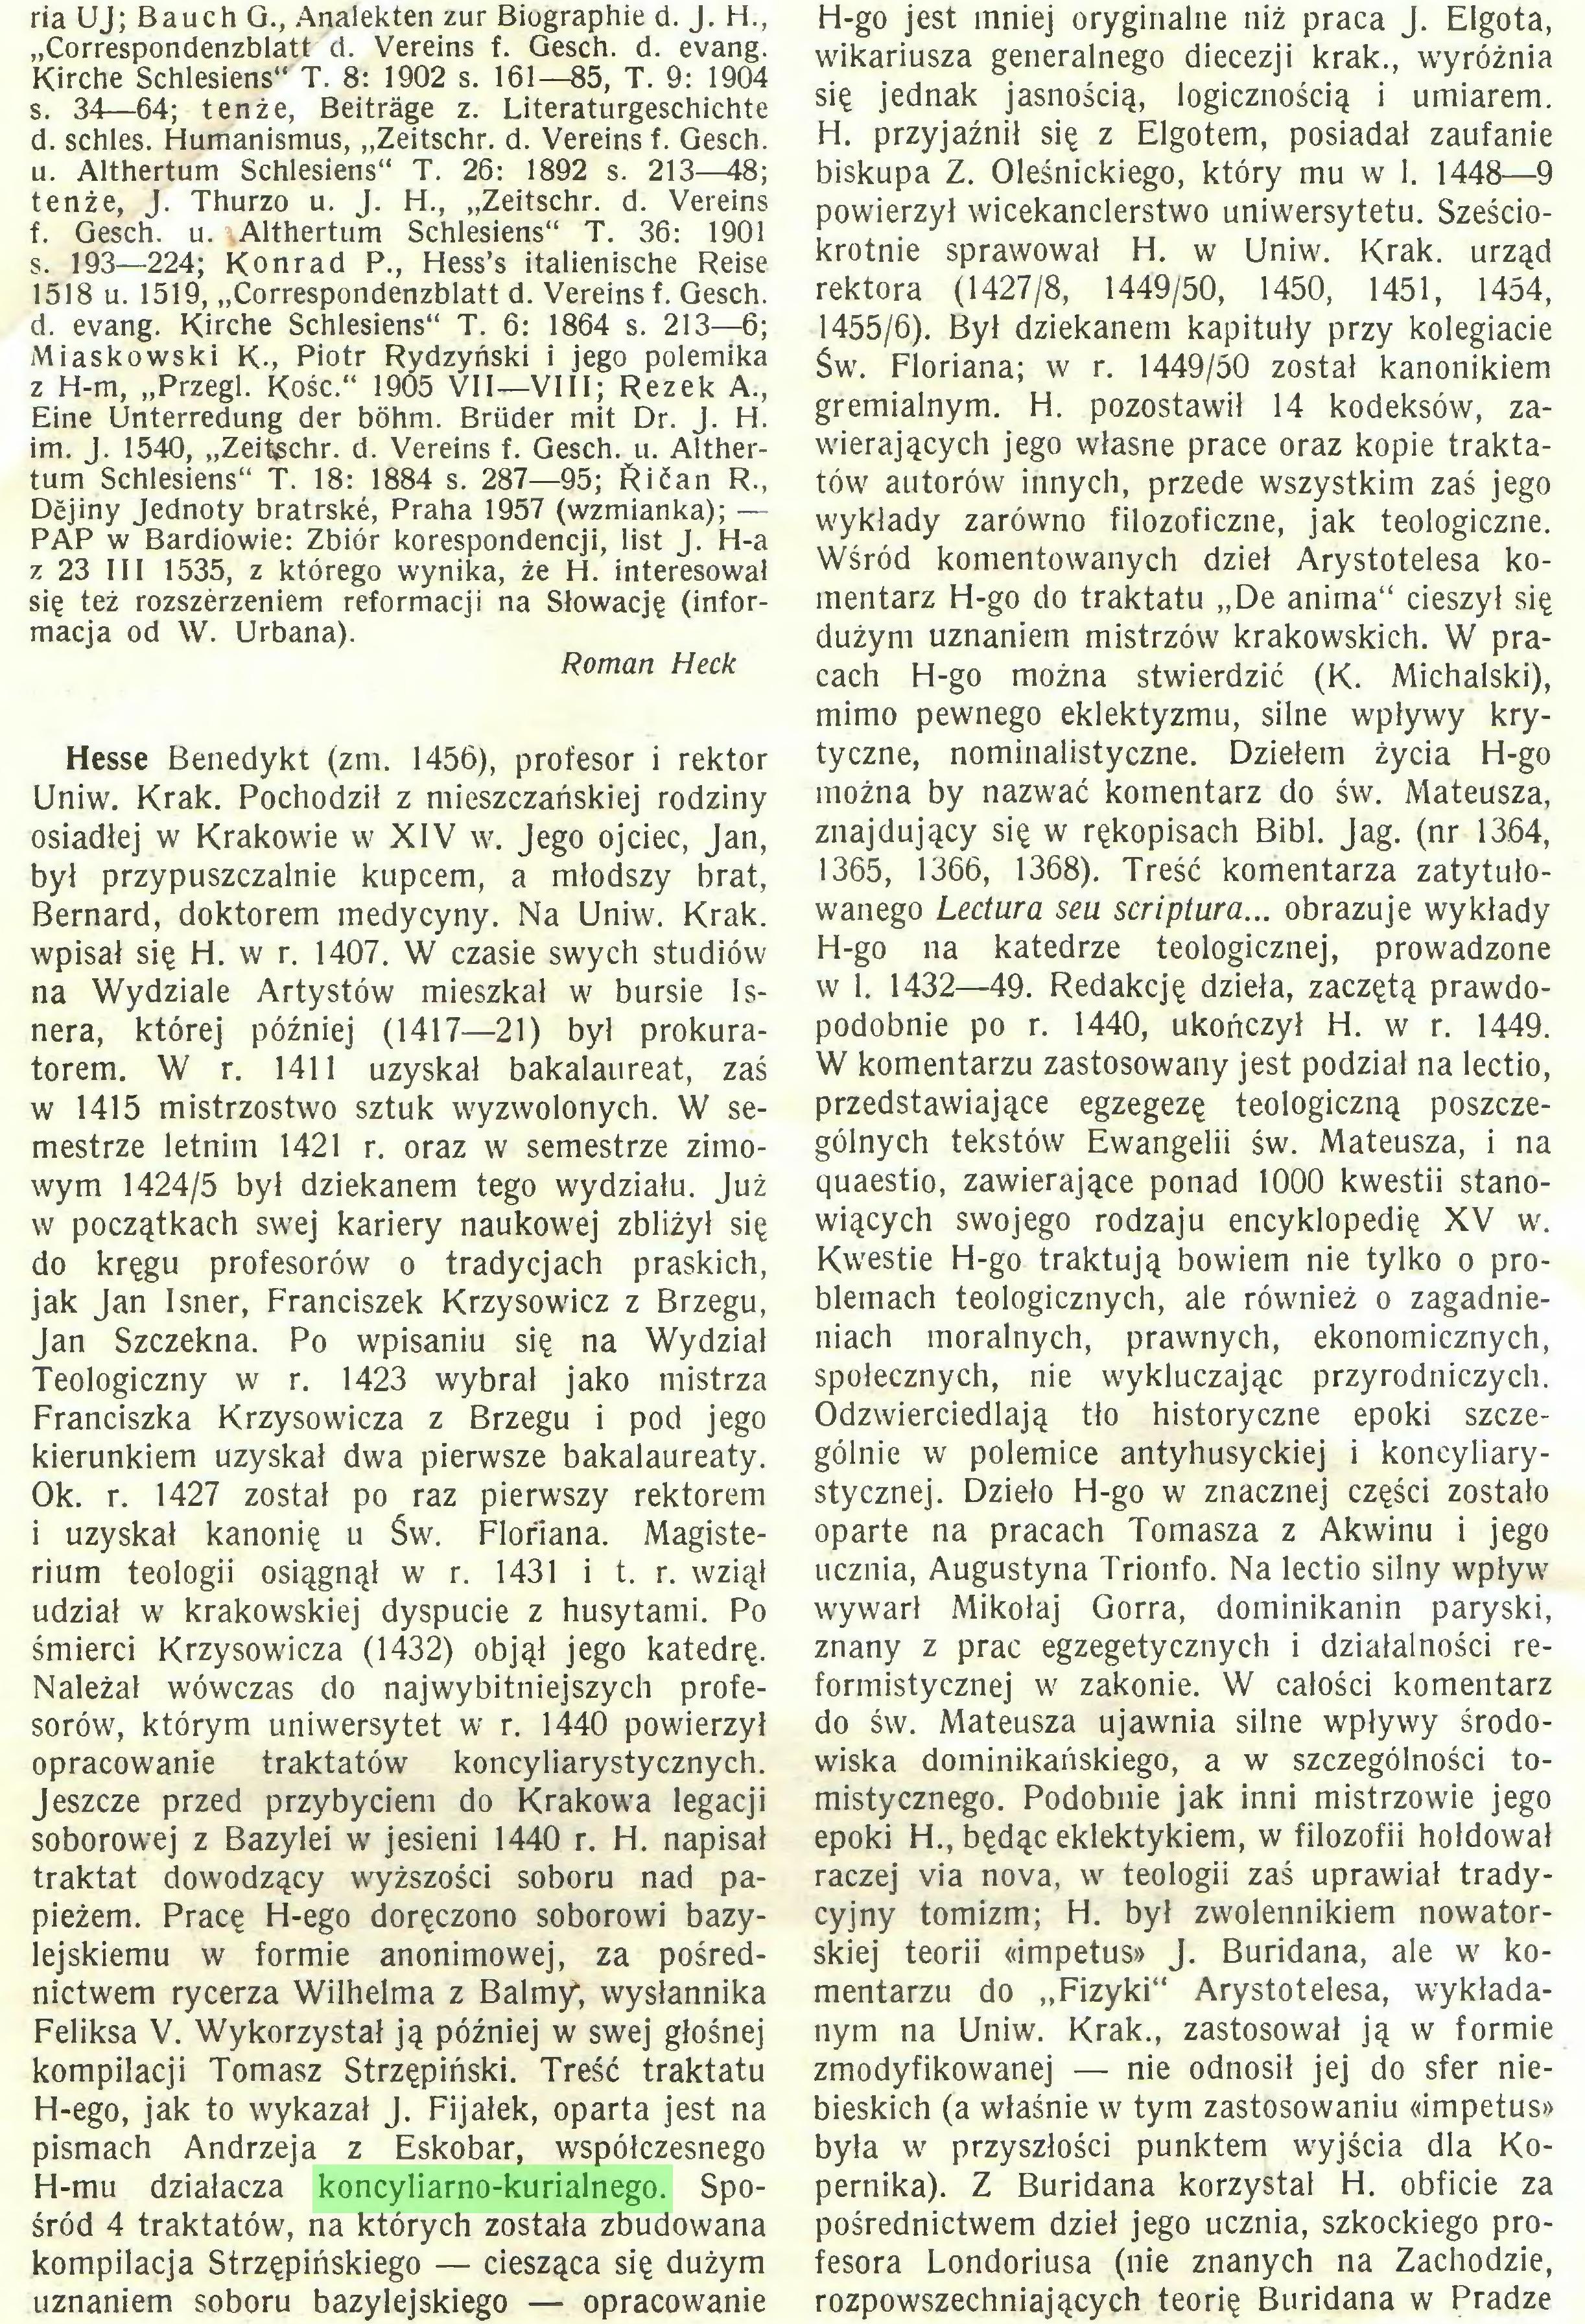 (...) kompilacji Tomasz Strzępiński. Treść traktatu H-ego, jak to wykazał J. Fijałek, oparta jest na pismach Andrzeja z Eskobar, współczesnego H-mu działacza koncyliarno-kurialnego. Spośród 4 traktatów, na których została zbudowana kompilacja Strzępińskiego — ciesząca się dużym uznaniem soboru bazylejskiego — opracowanie H-go jest mniej oryginalne niż praca J. Elgota, wikariusza generalnego diecezji krak., wyróżnia się jednak jasnością, logicznością i umiarem...